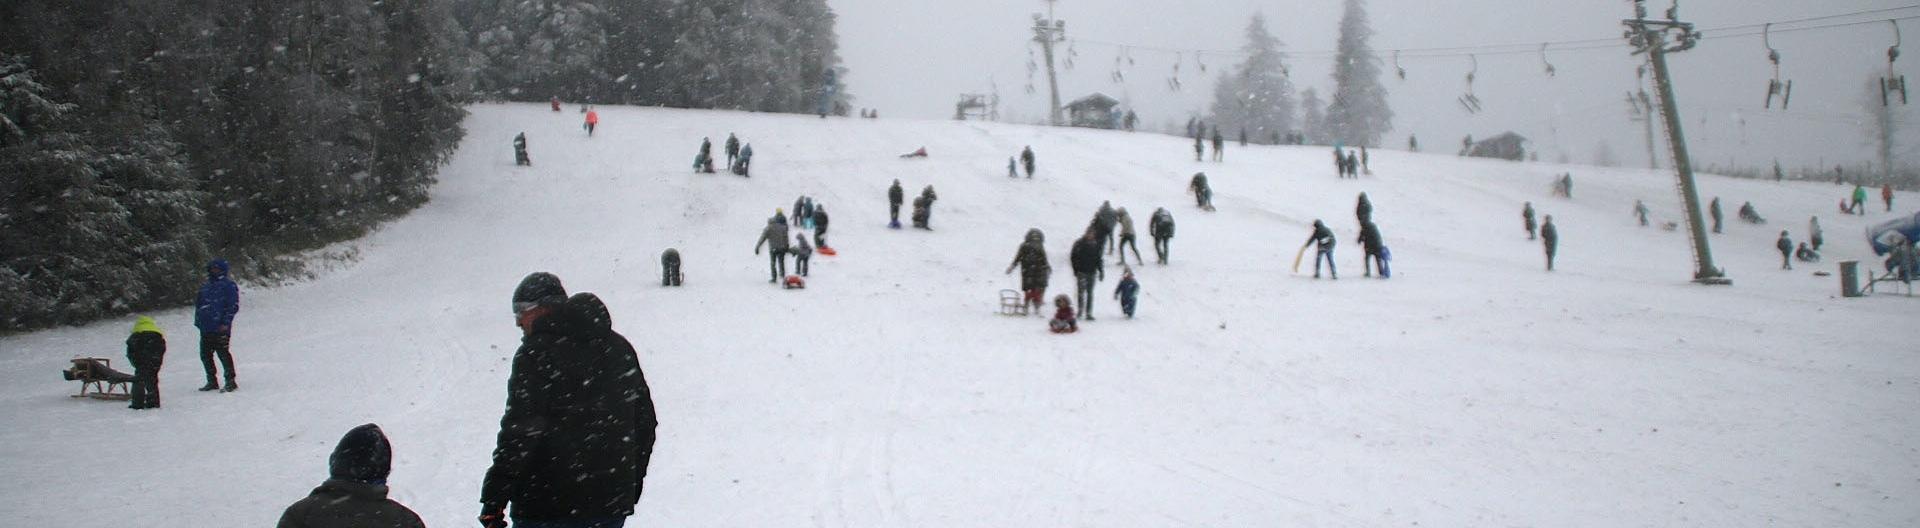 Schlittenfahrer sind trotz Sperrung der Skigebiete auf dem Kahlen Asten unterwegs